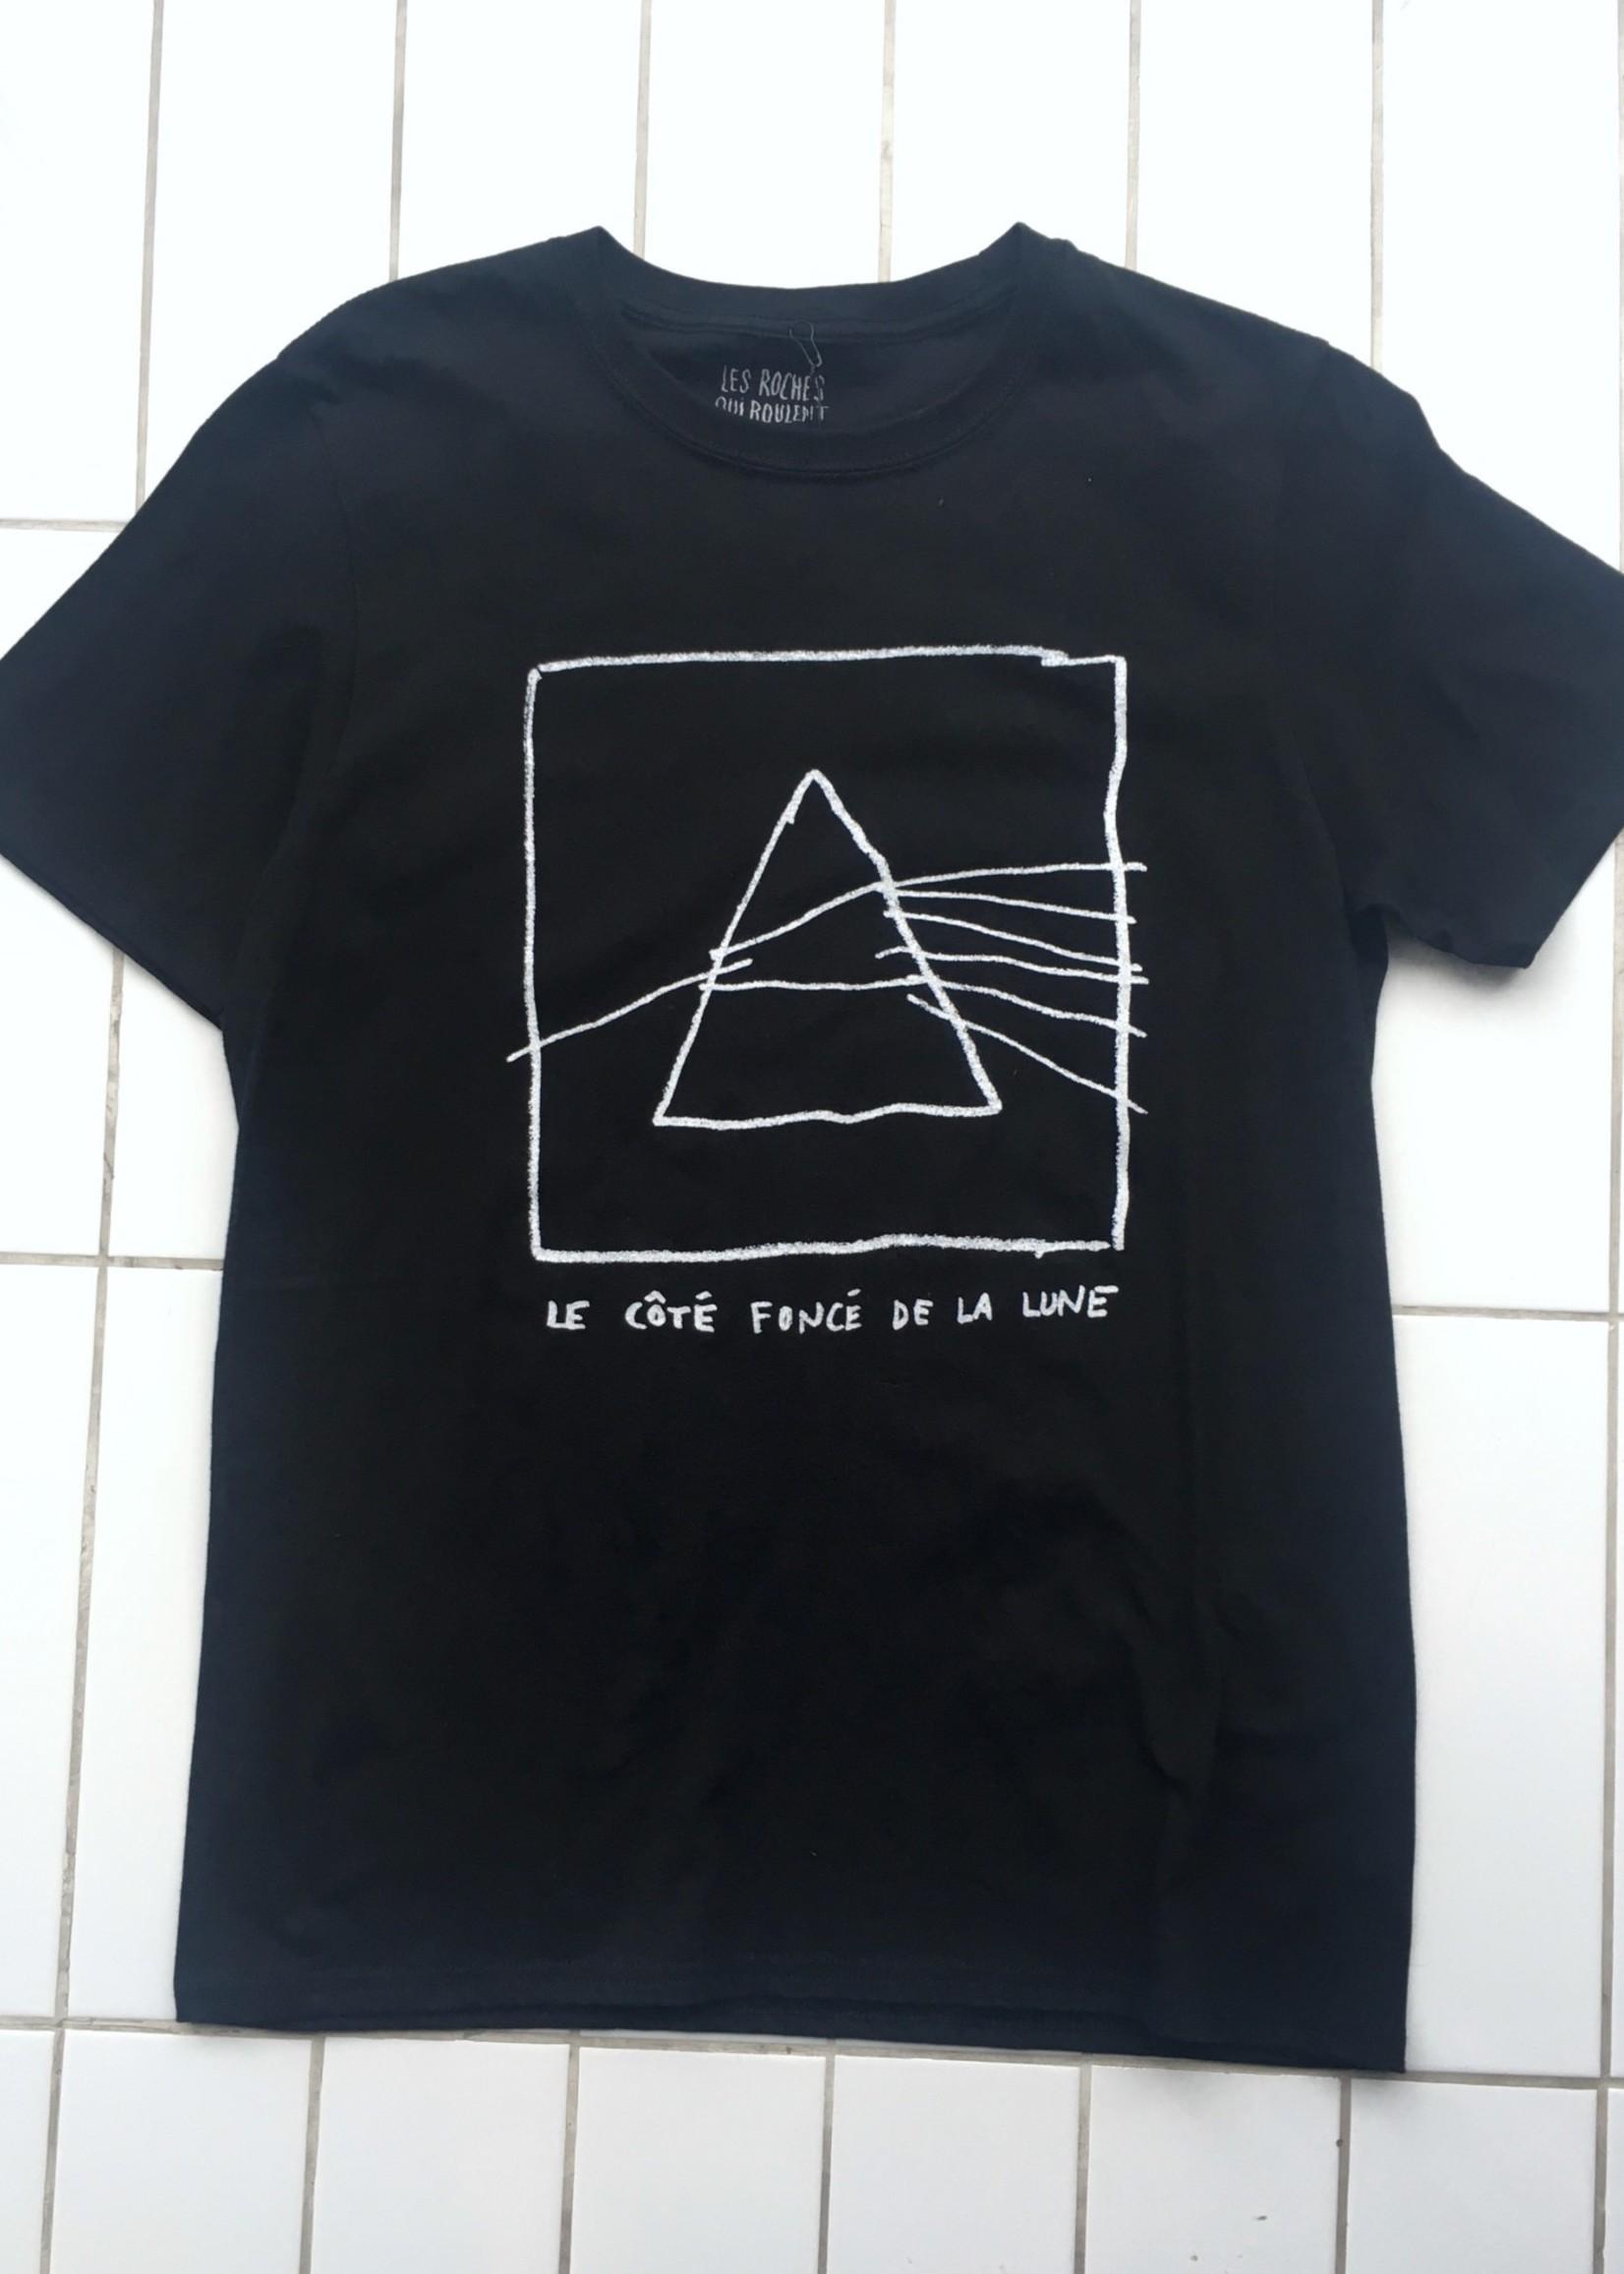 Les Roches Qui Roulent Le Côté Foncé de la Lune T-shirt